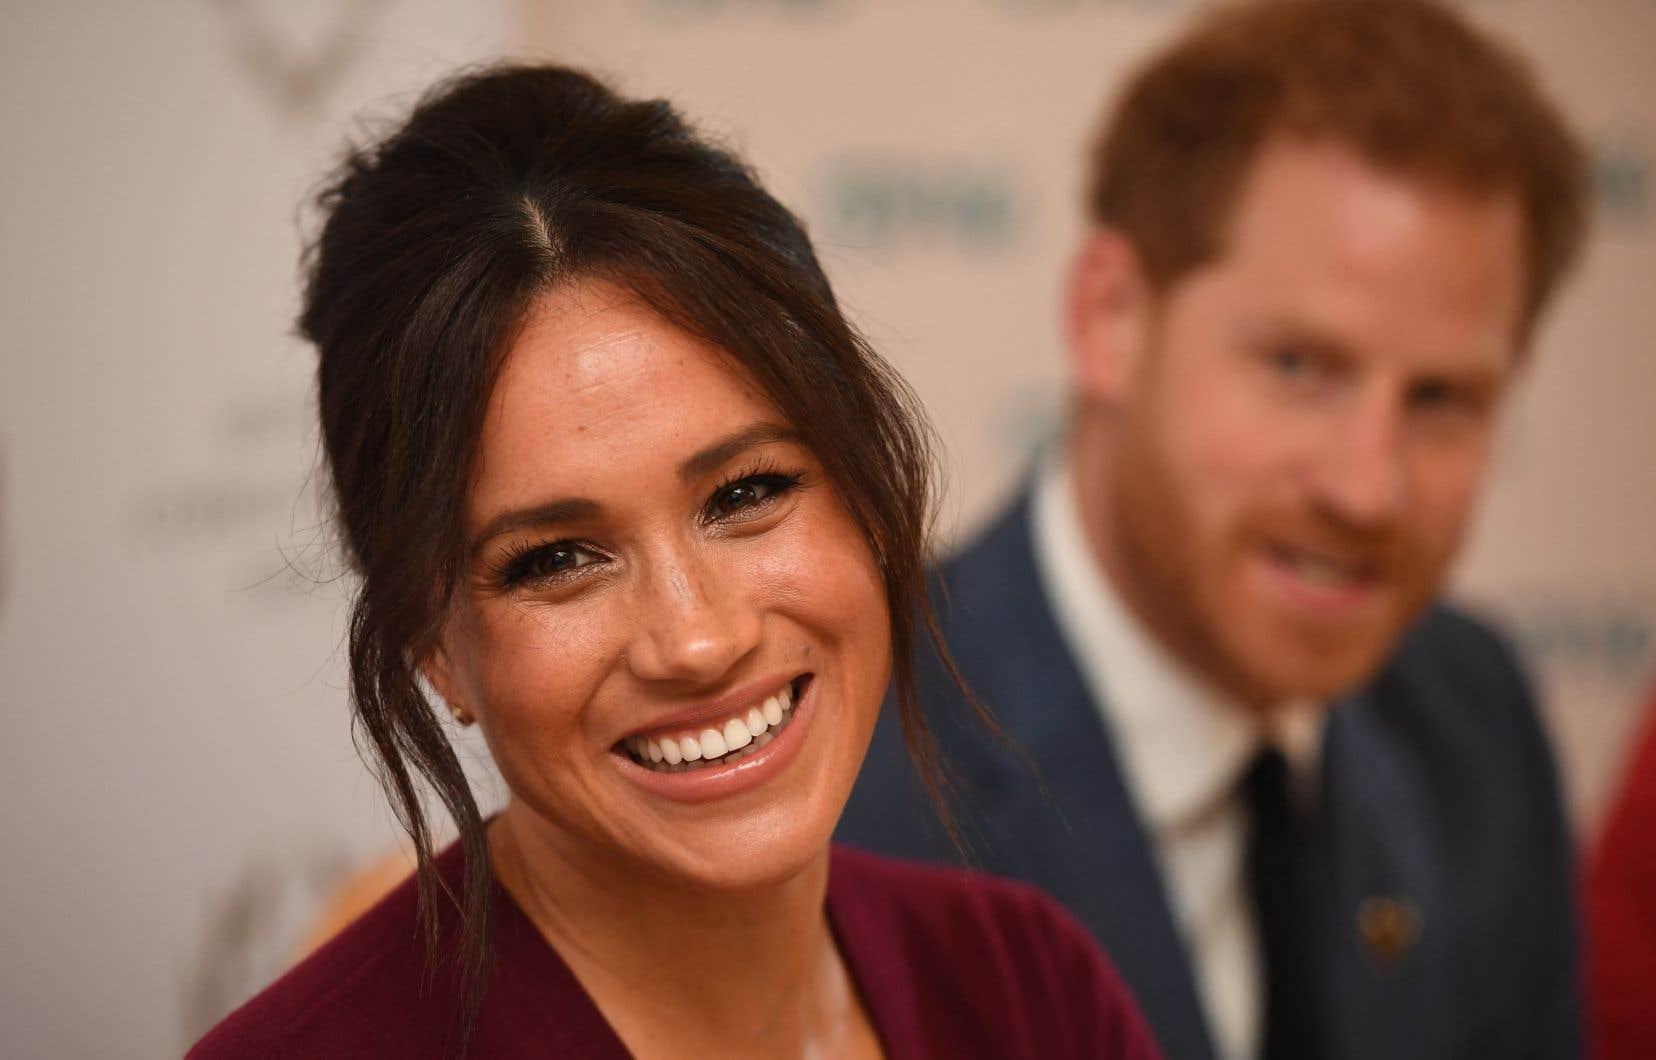 L'entrevue choc du prince Harry et de Meghan, et leurs accusations de racisme, révèlent des clivages annonçant des remises en question difficiles pour la couronne.